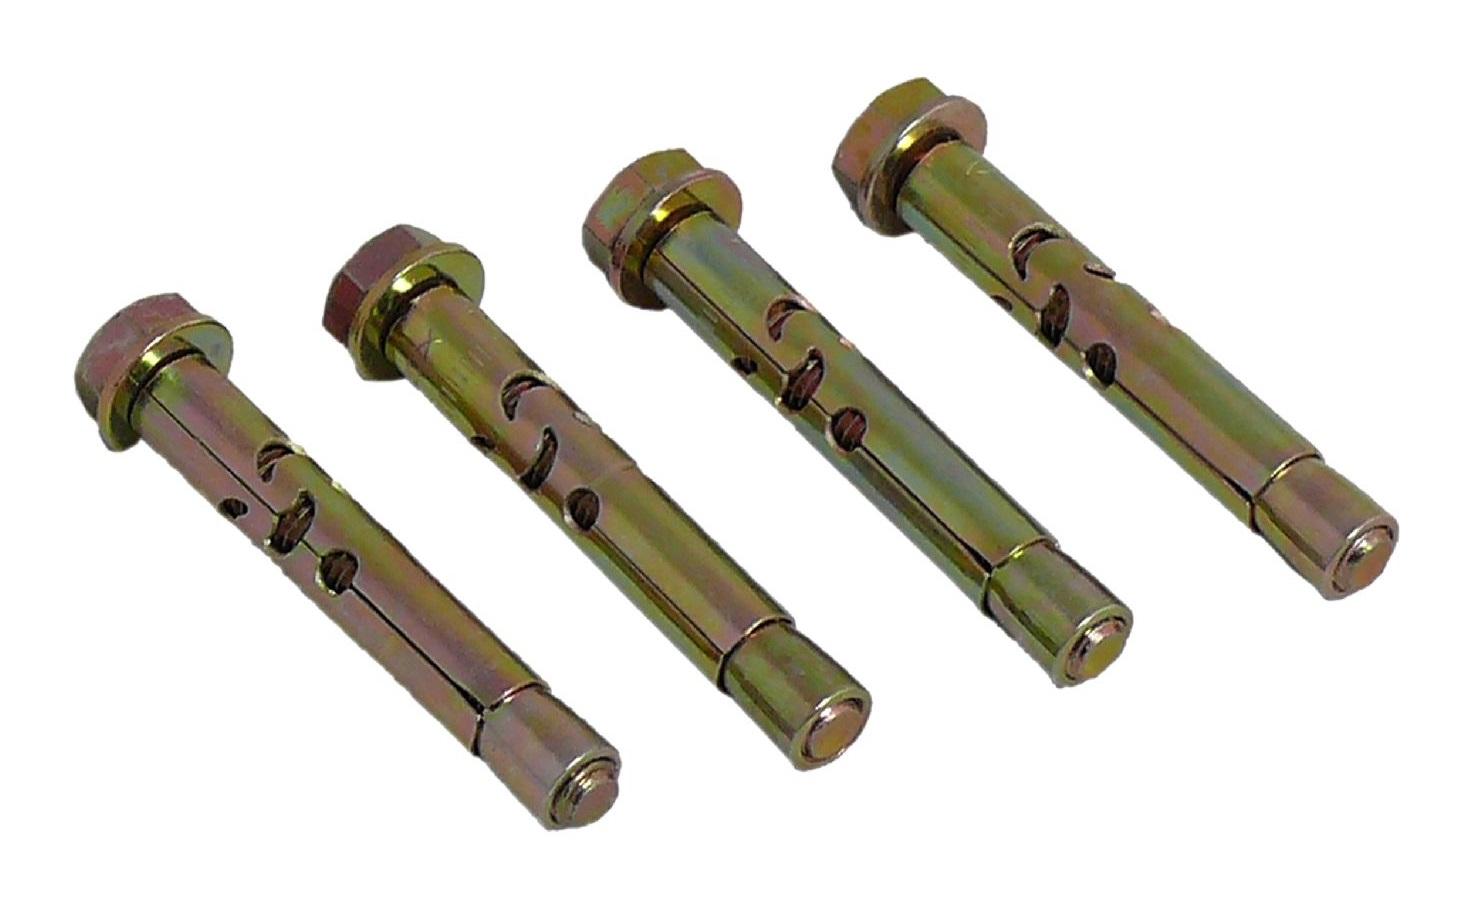 1 Stk SAT Schwerlastanker-Set, Bohr-DM 10mm,Dübellänge 70mm, 4 Stk HSZUMS01--